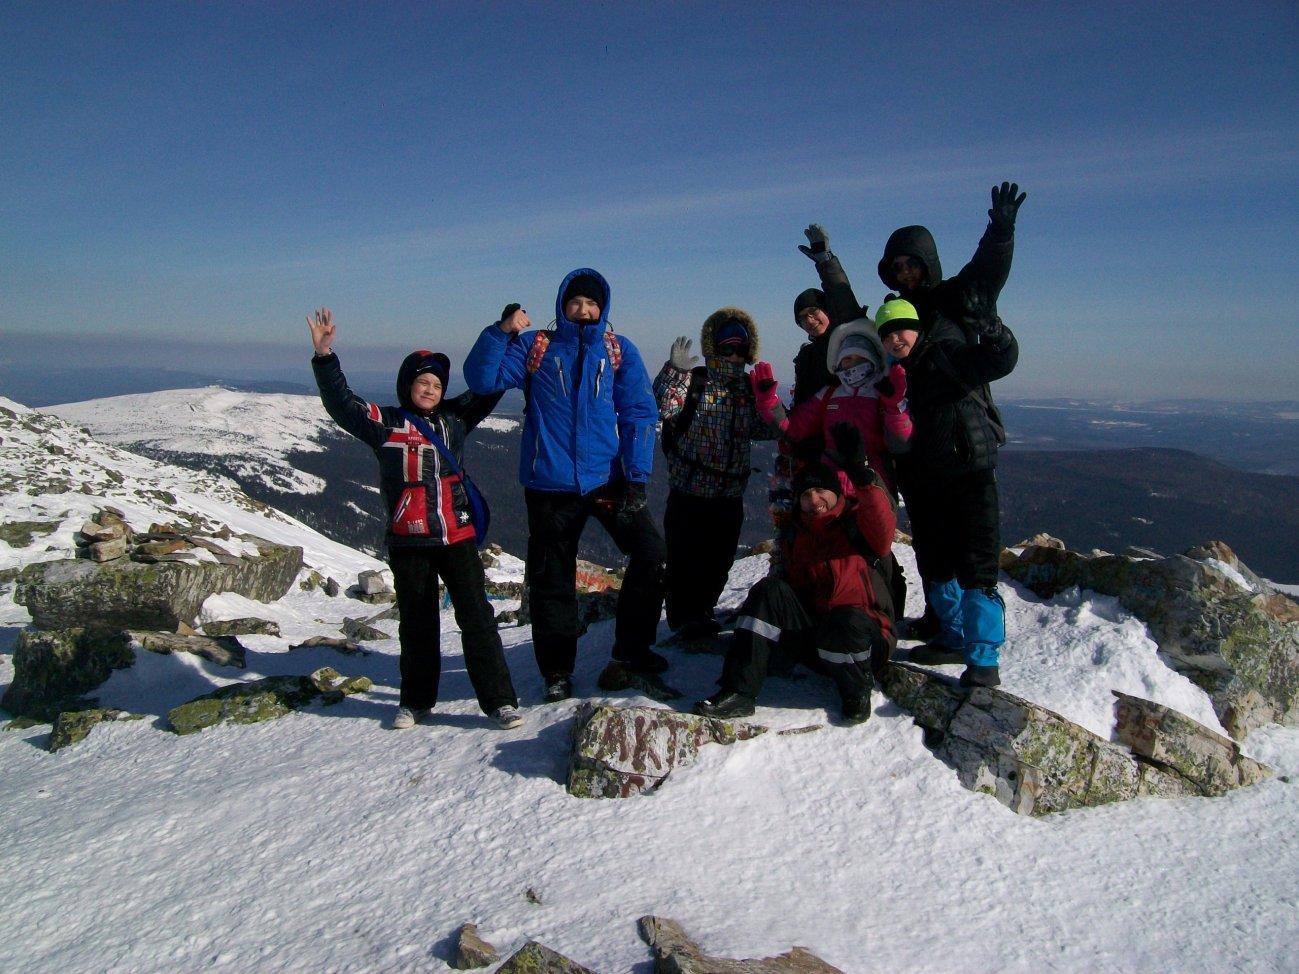 Покорение горы с друзьями